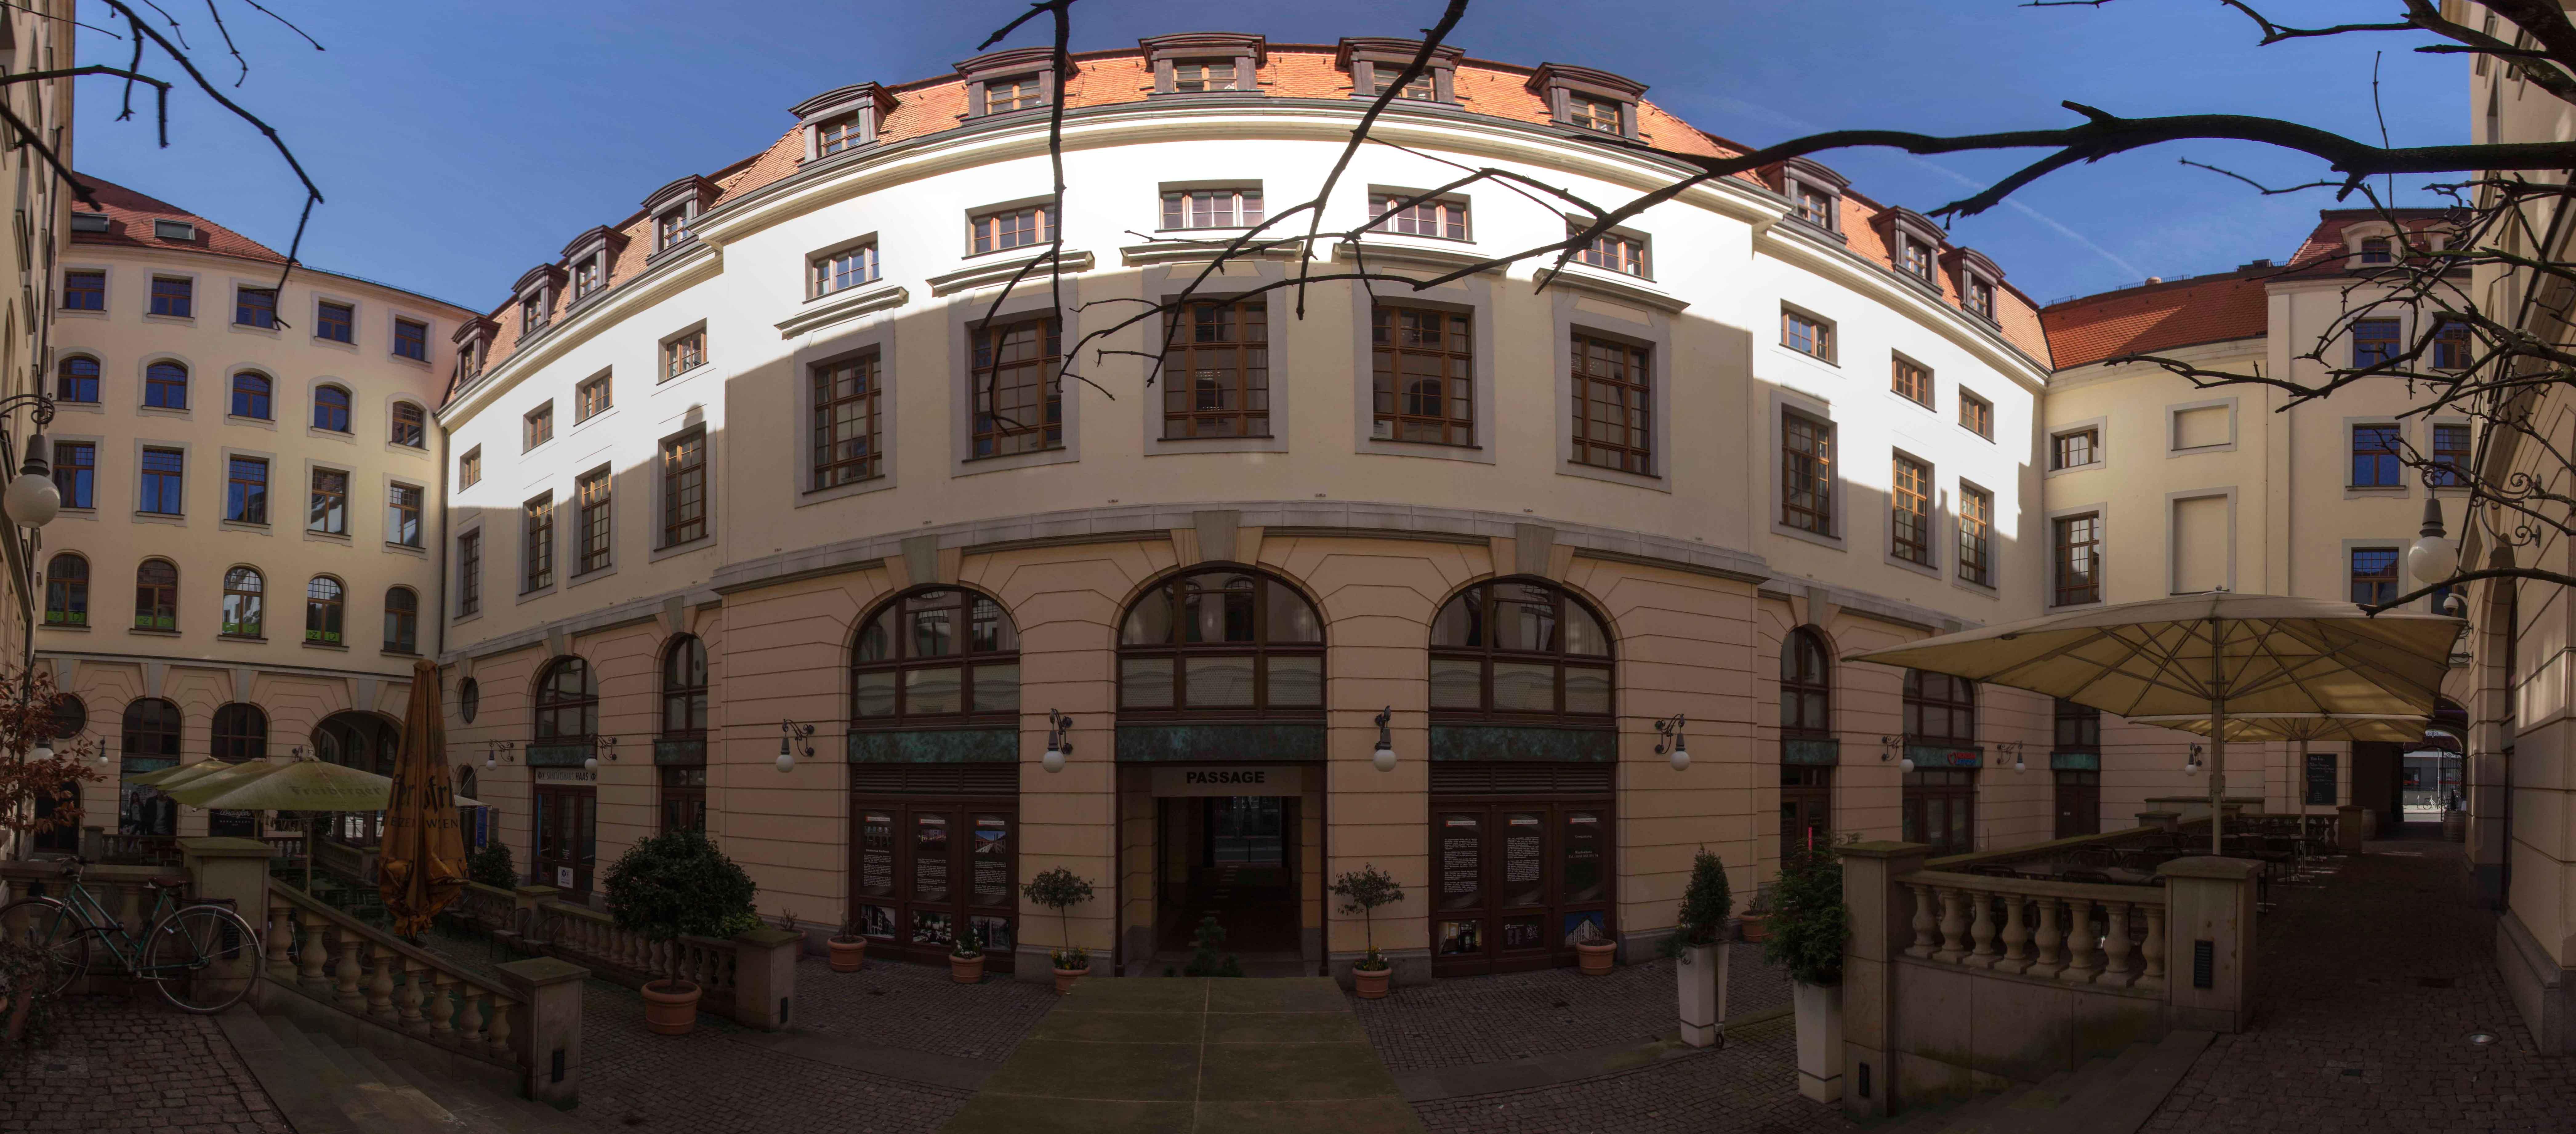 Städtisches Kaufhaus Panorama Innen